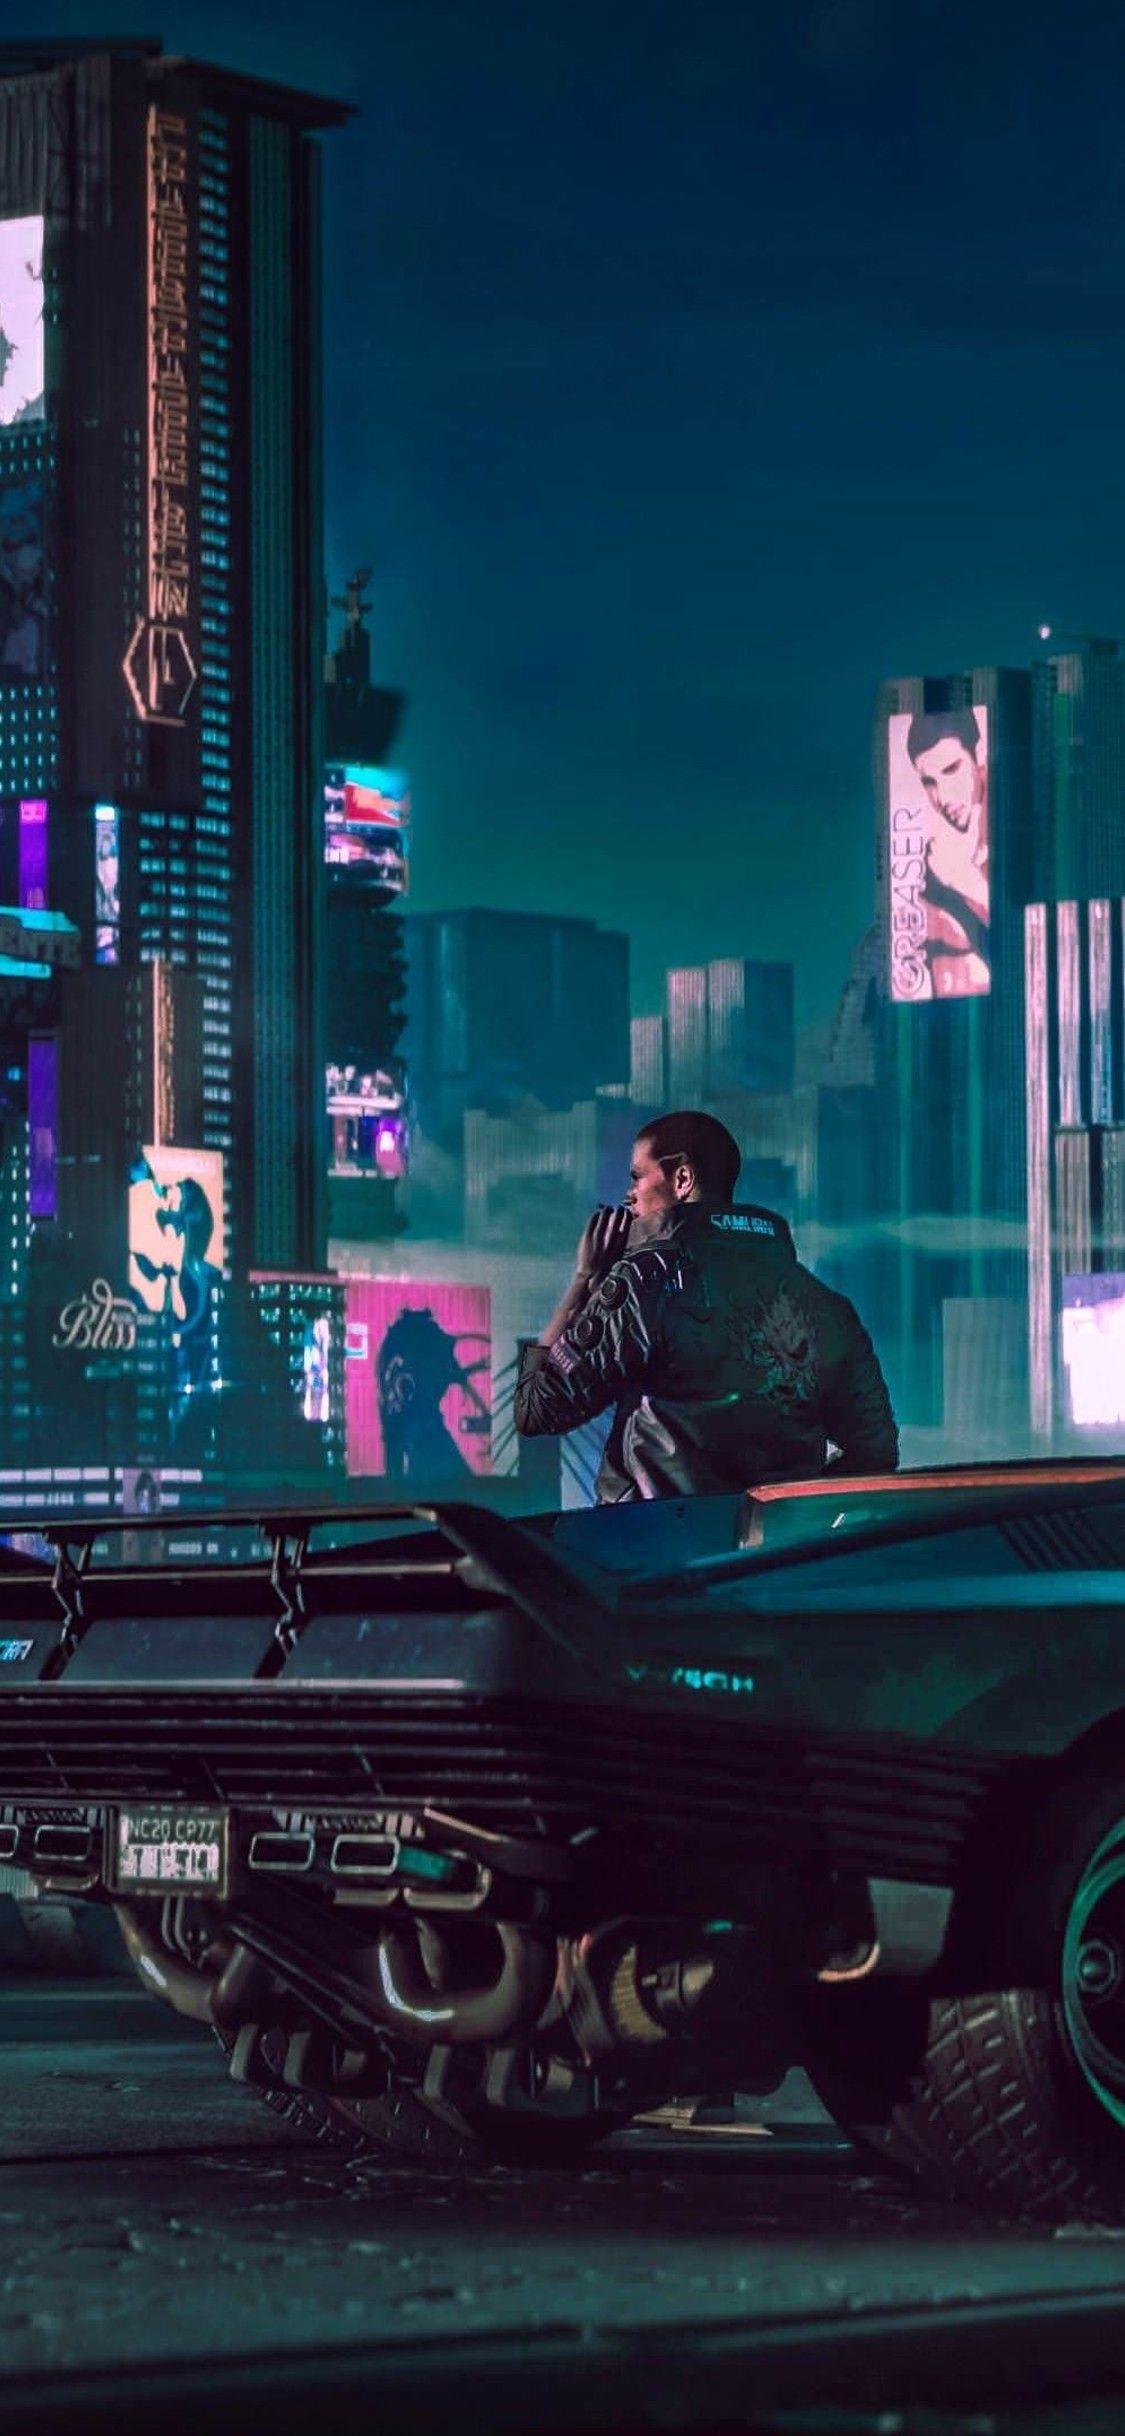 1125x2436 2018 Cyberpunk 2077 4k Iphone XS,Iphone 10